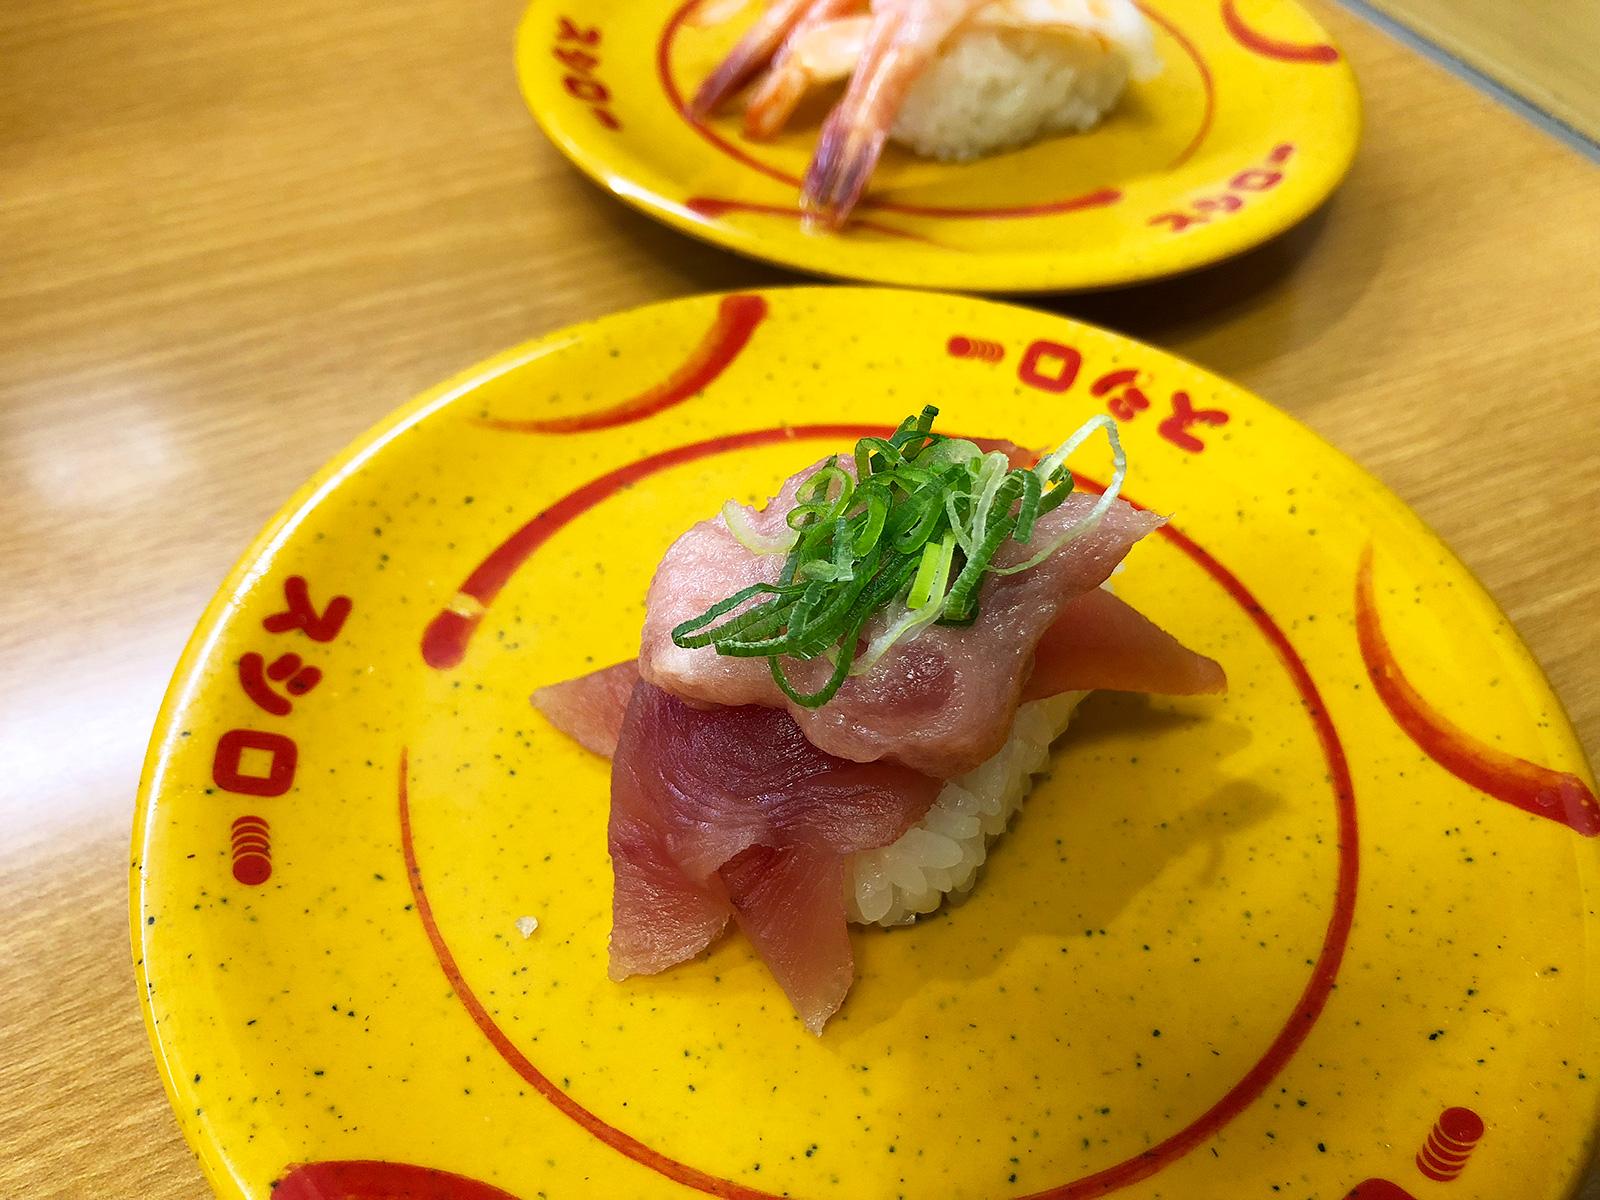 「スシロー清須古城店」のでかネタまつり お昼の部 @西枇杷島